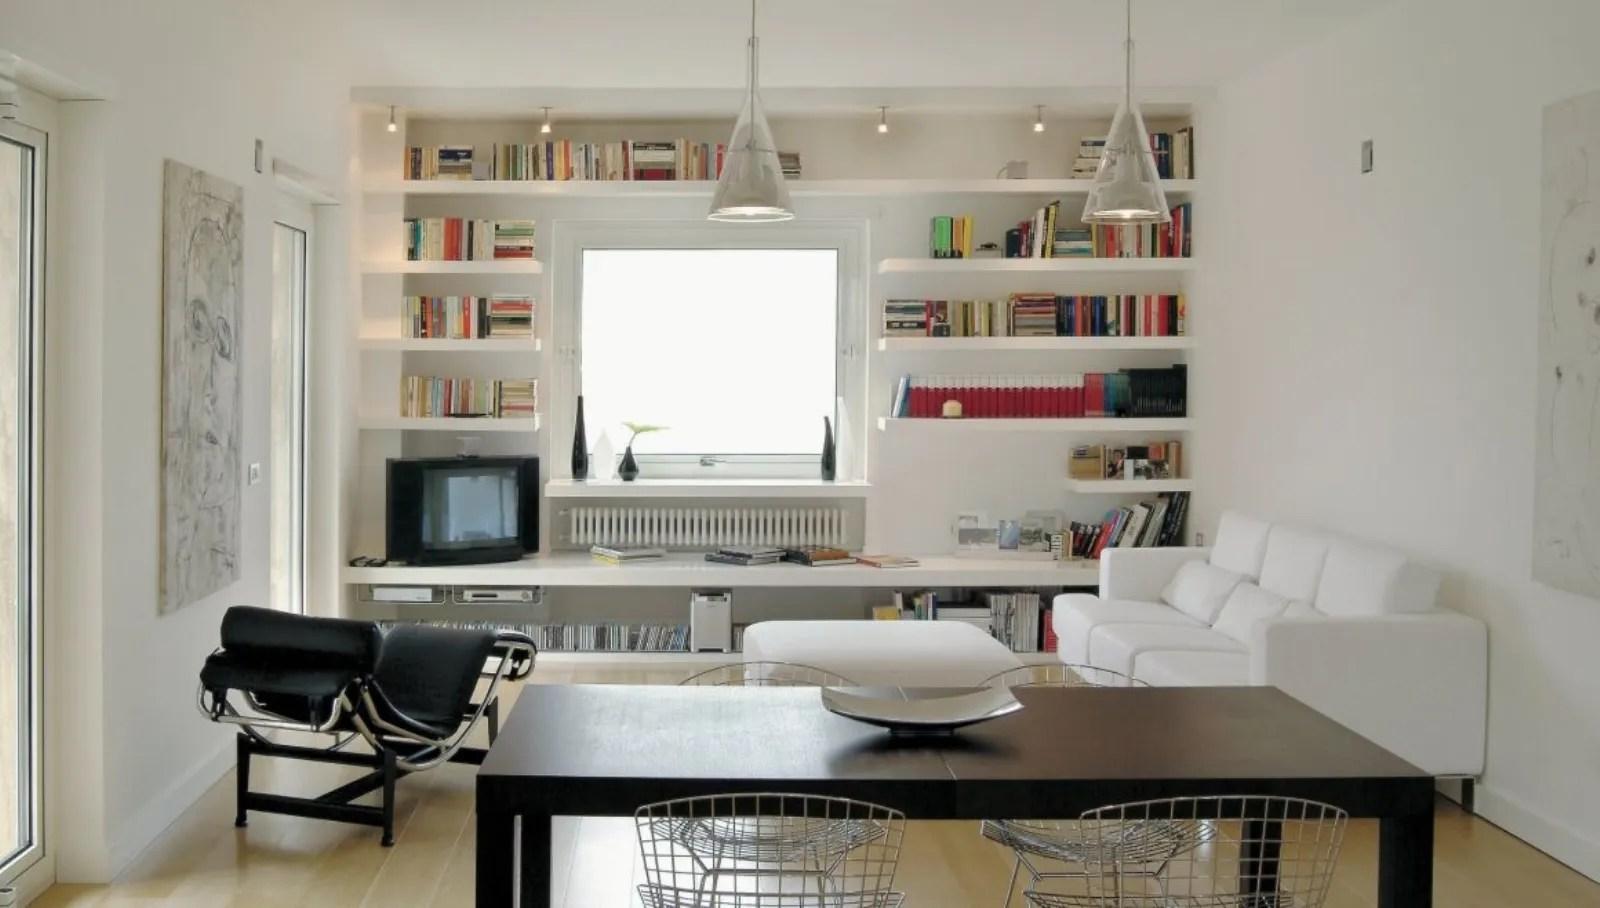 Libreria in cartongesso fai da te con pareti curve. Librerie In Cartongesso Pratiche Ed Economiche